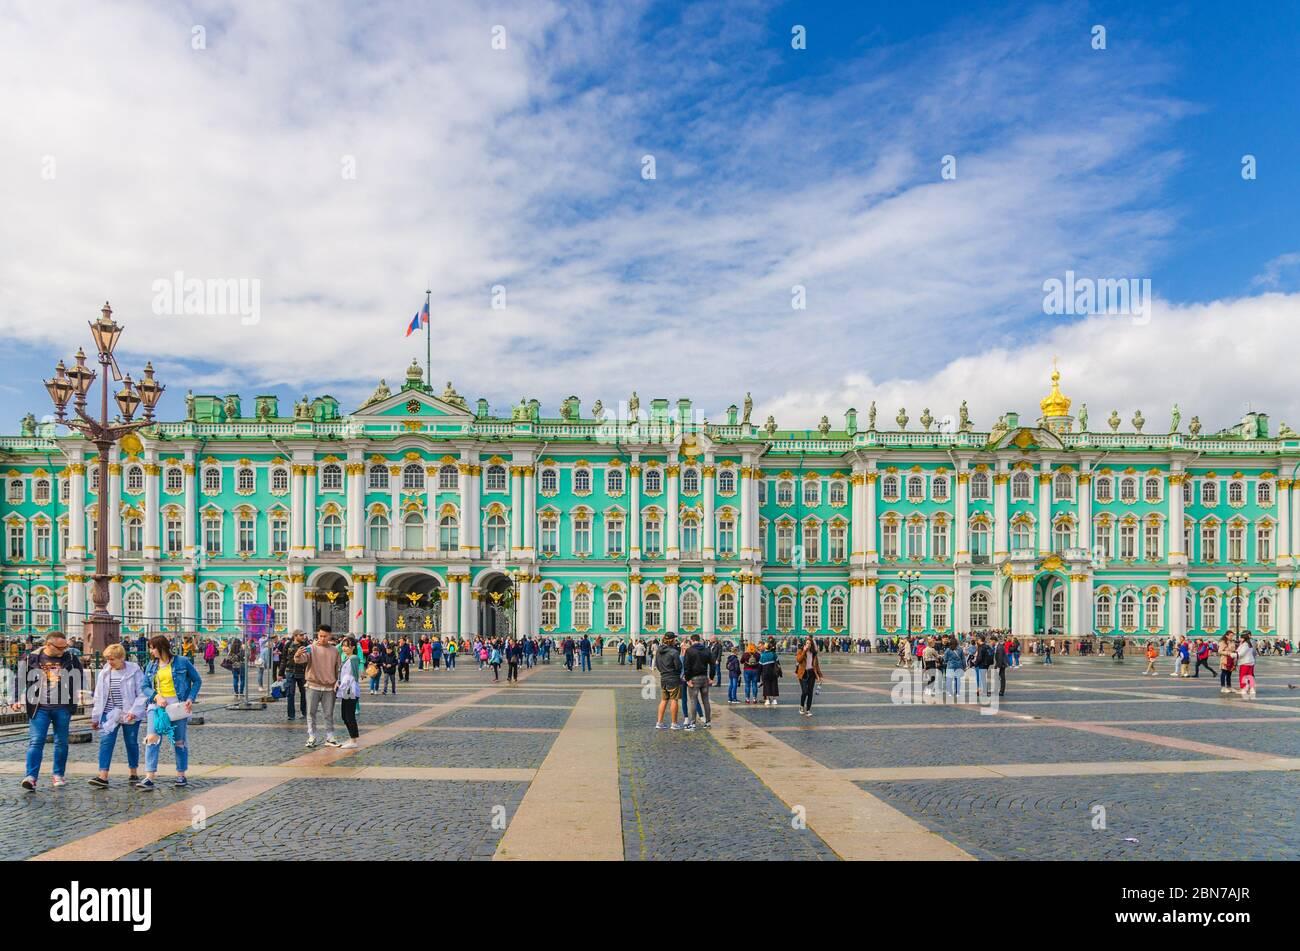 San Petersburgo, Rusia, 3 de agosto de 2019: El edificio del Museo Hermitage del Estado, la residencia oficial del Palacio de Invierno de los emperadores rusos y los turistas están caminando por la Plaza del Palacio Foto de stock